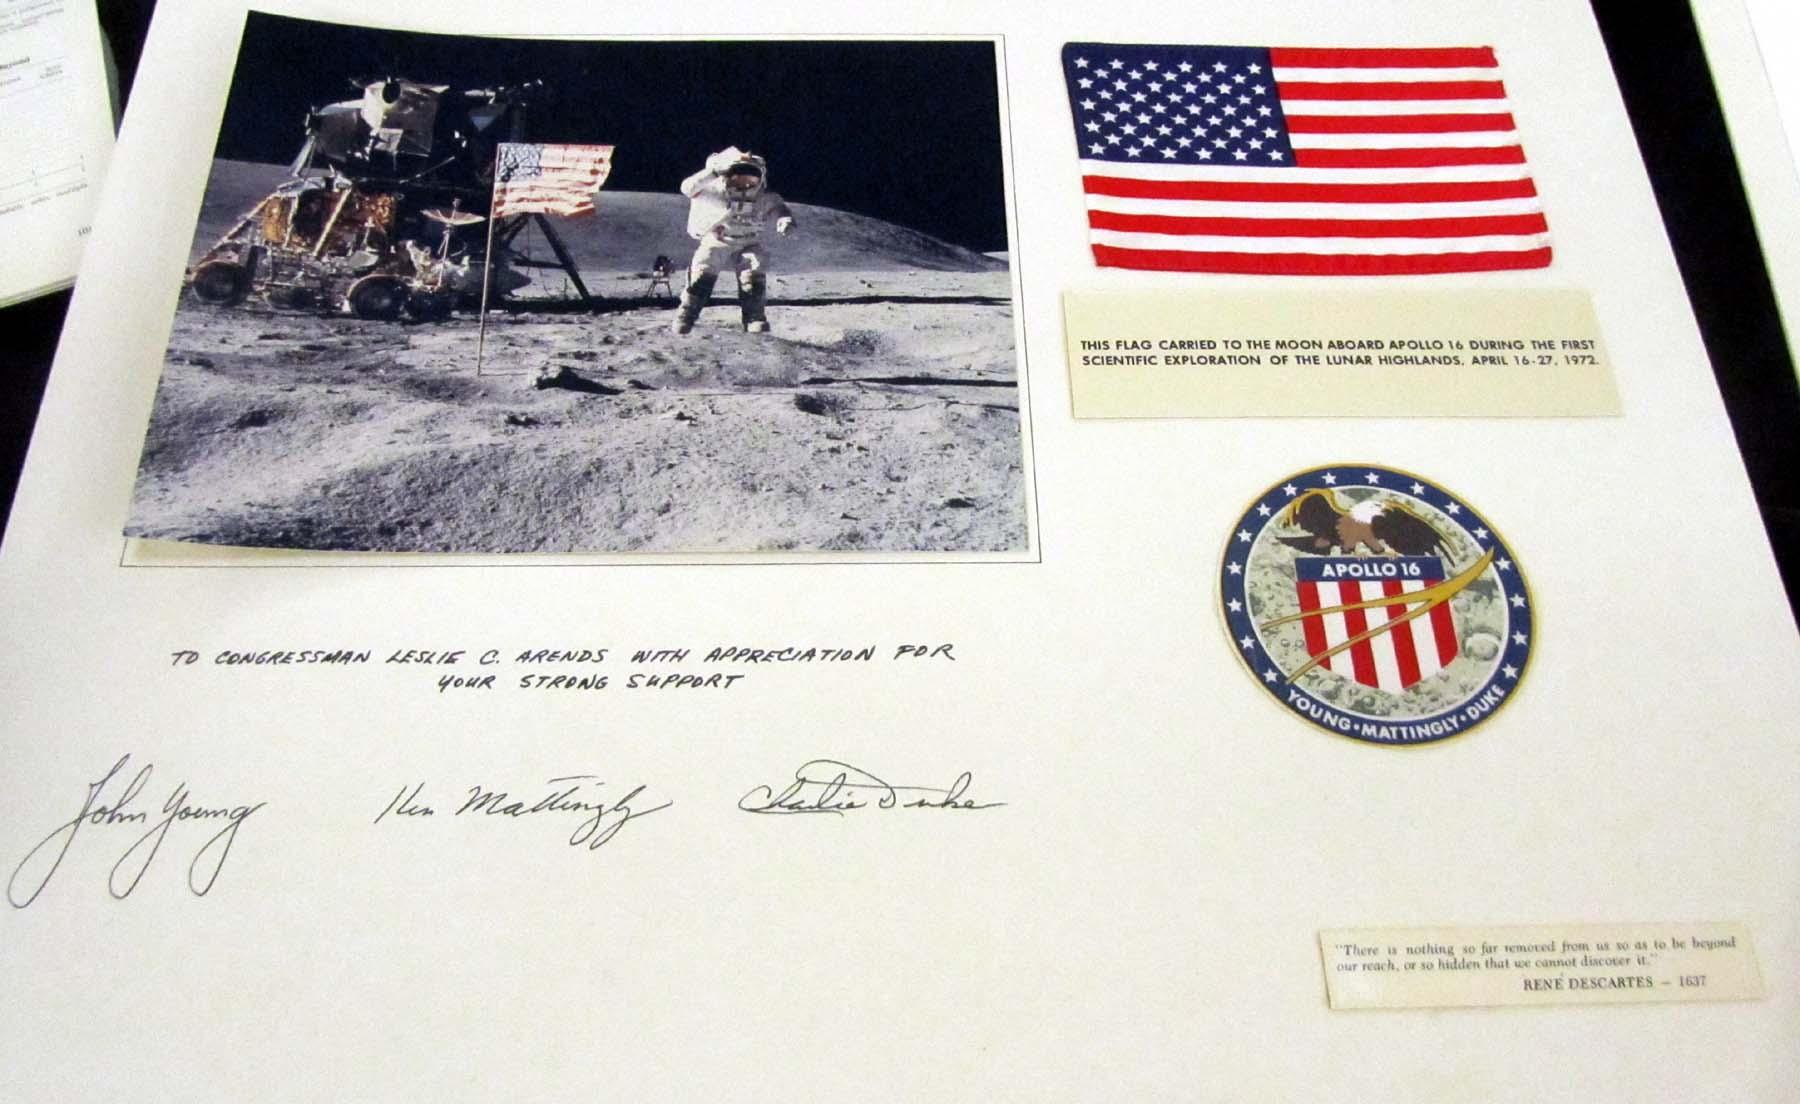 Apollo 16 phoo and commemorative items